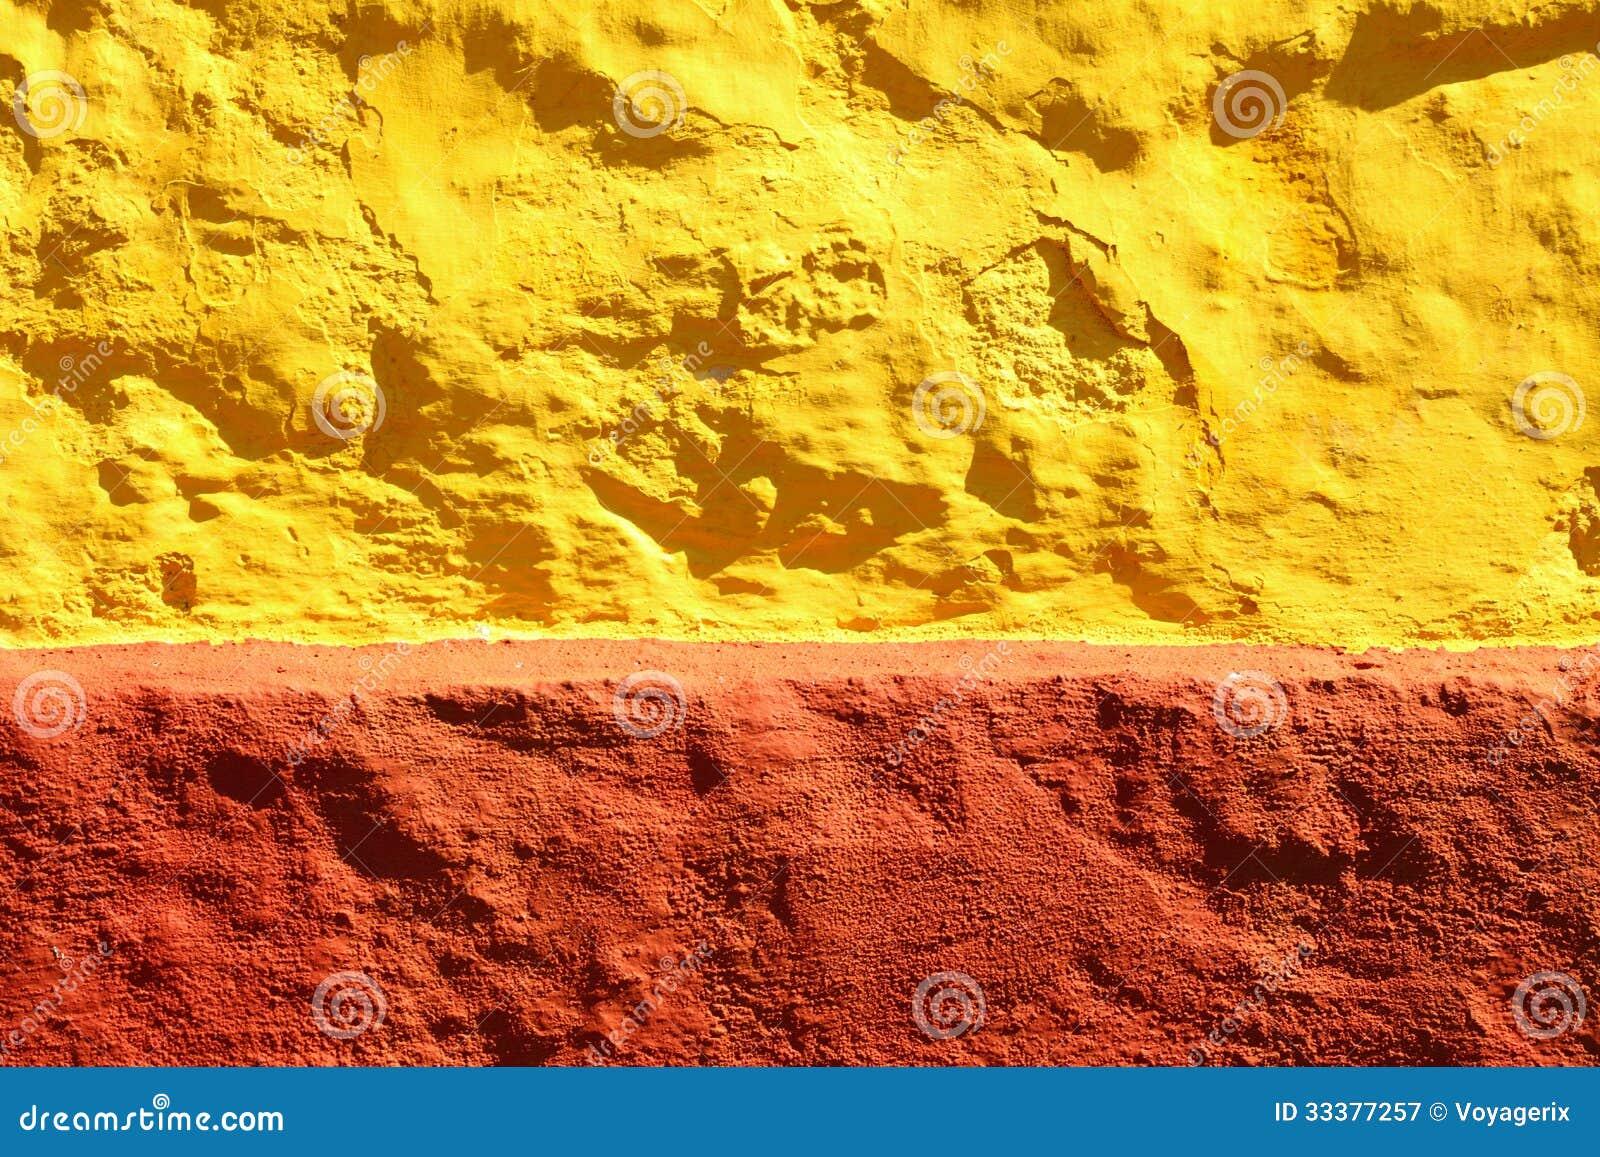 fond ou texture rouge jaune de mur de peinture image stock. Black Bedroom Furniture Sets. Home Design Ideas